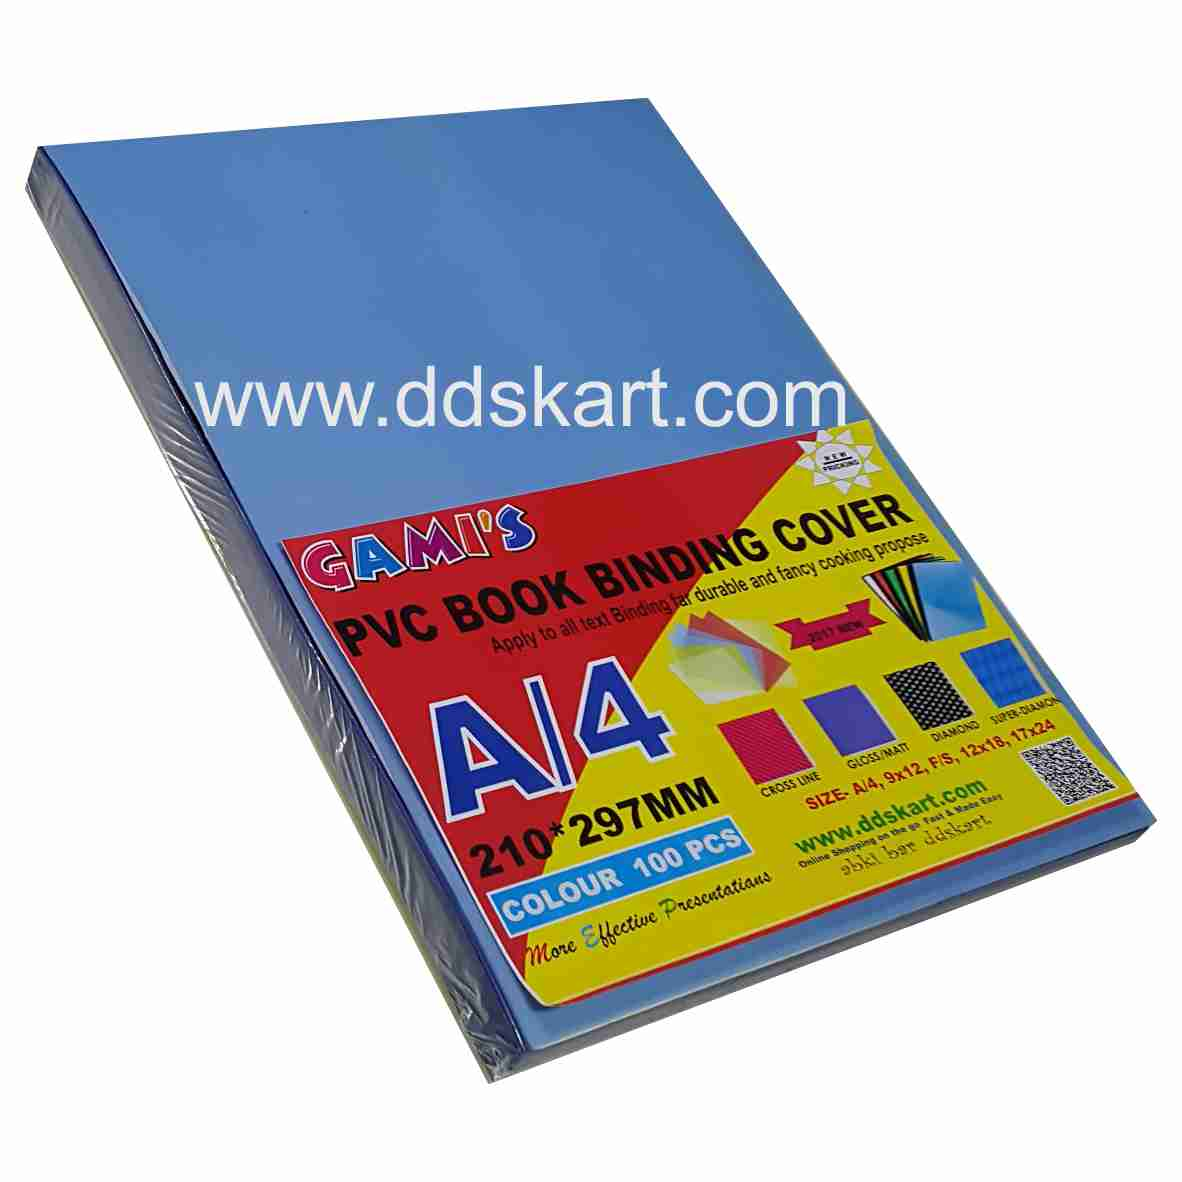 GAMI'S PVC Book Binding SHEET SAND MATTE  A4 ( BLUE TRANSPARENT)